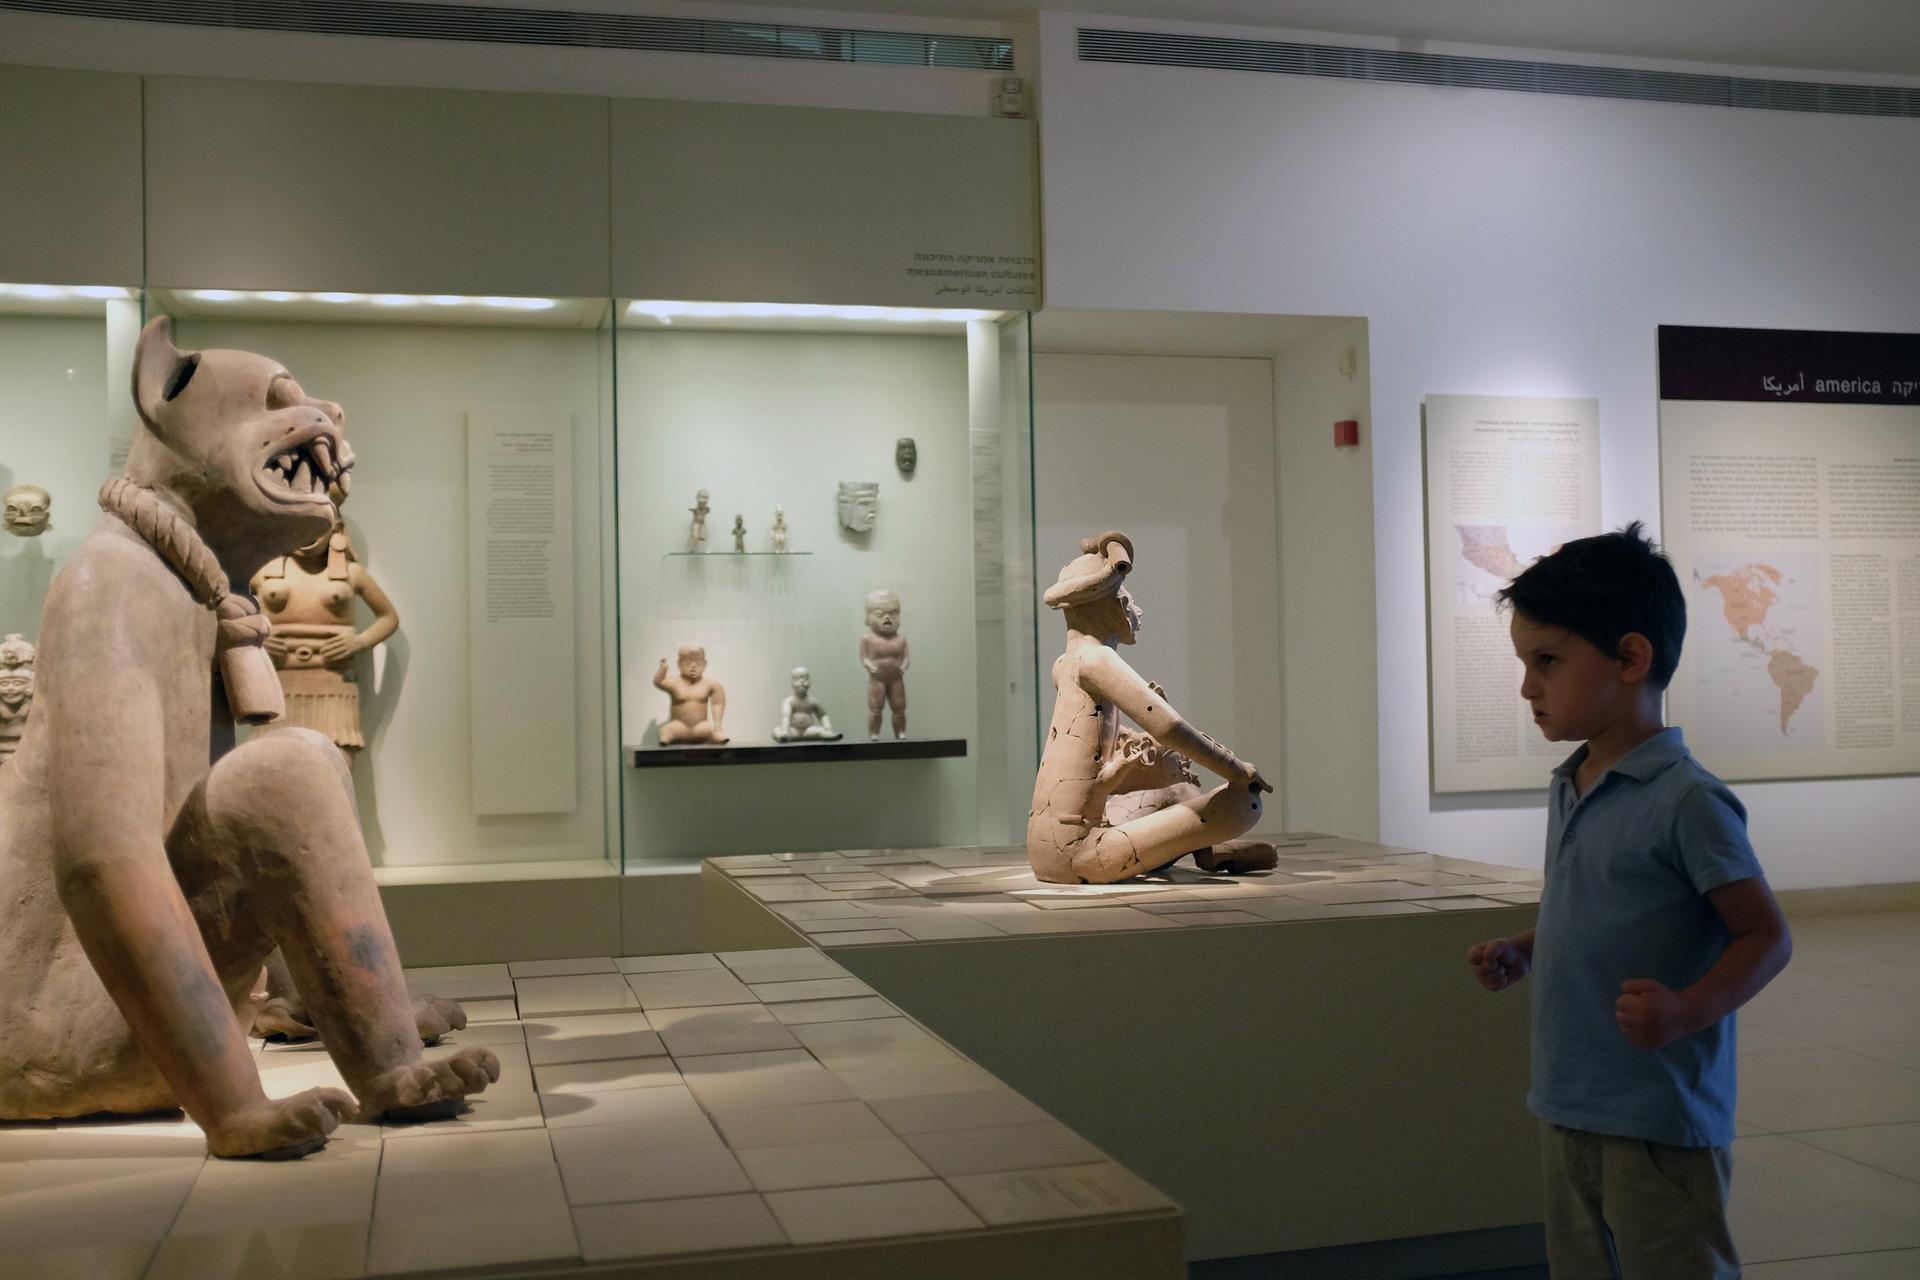 מוזיאון ישראל ירושלים. צילום: אמיר רונן